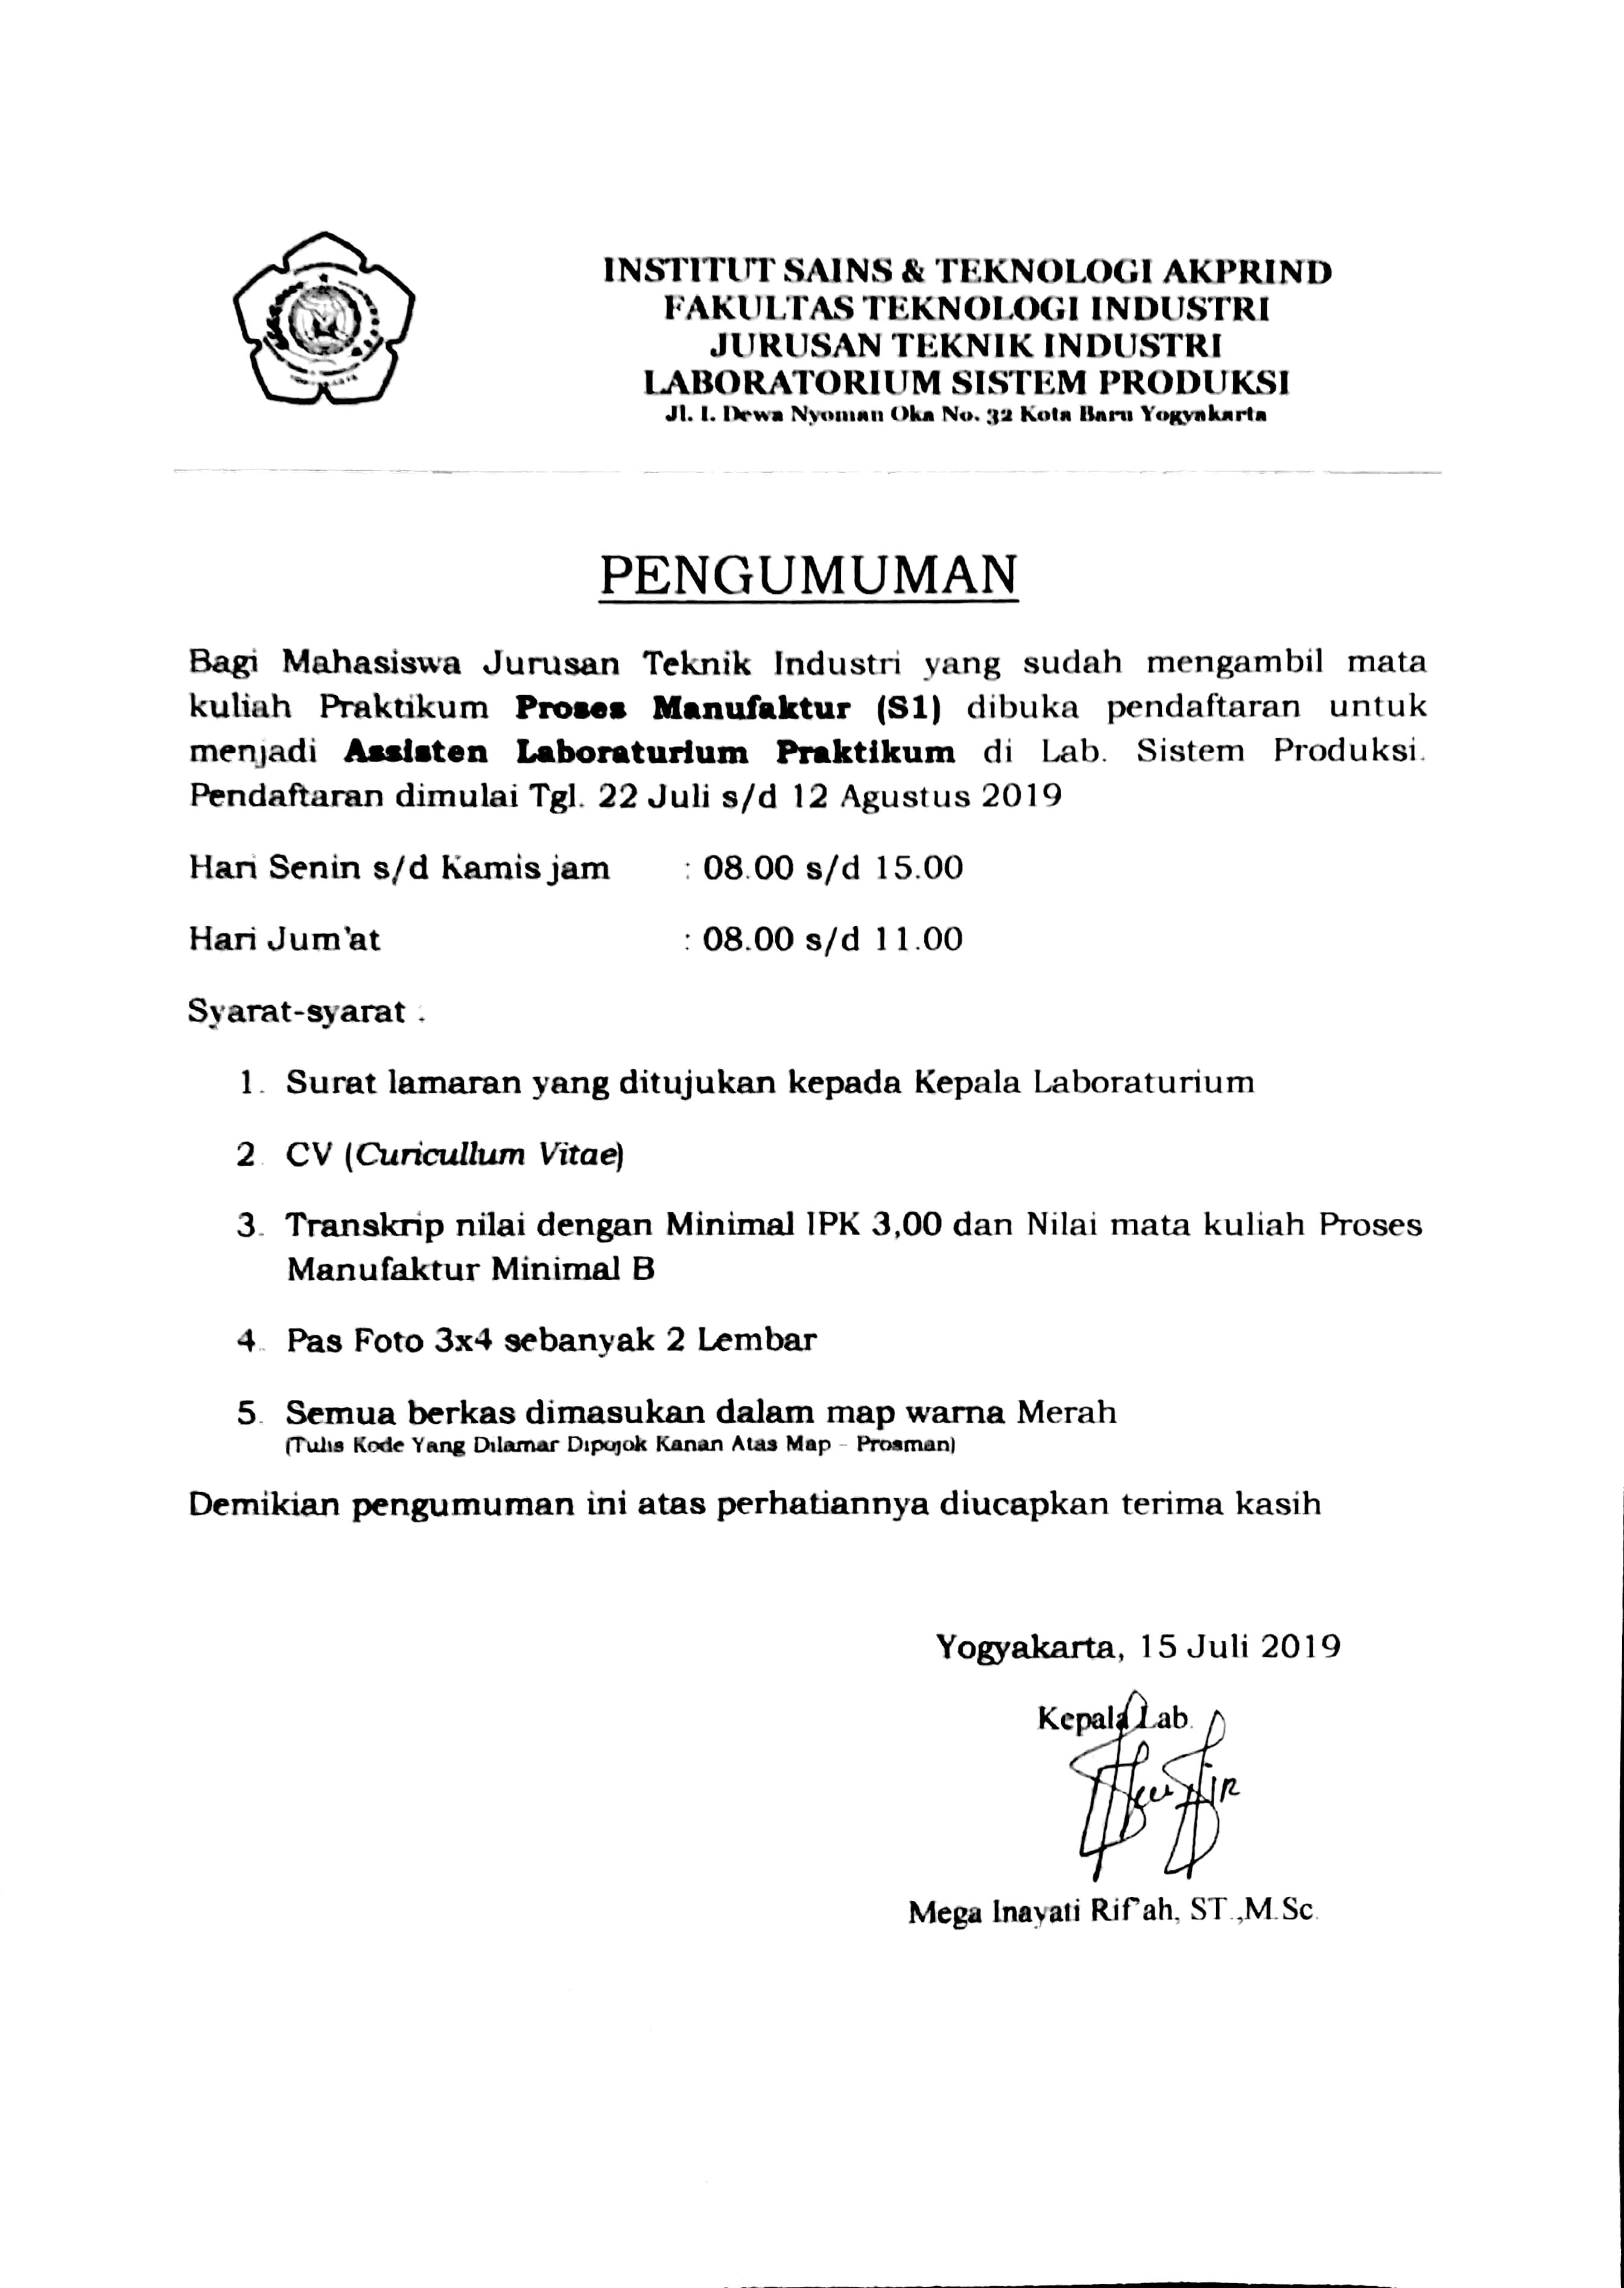 Pendaftaran Asisten Pembimbing Praktikum Proses Manufaktur